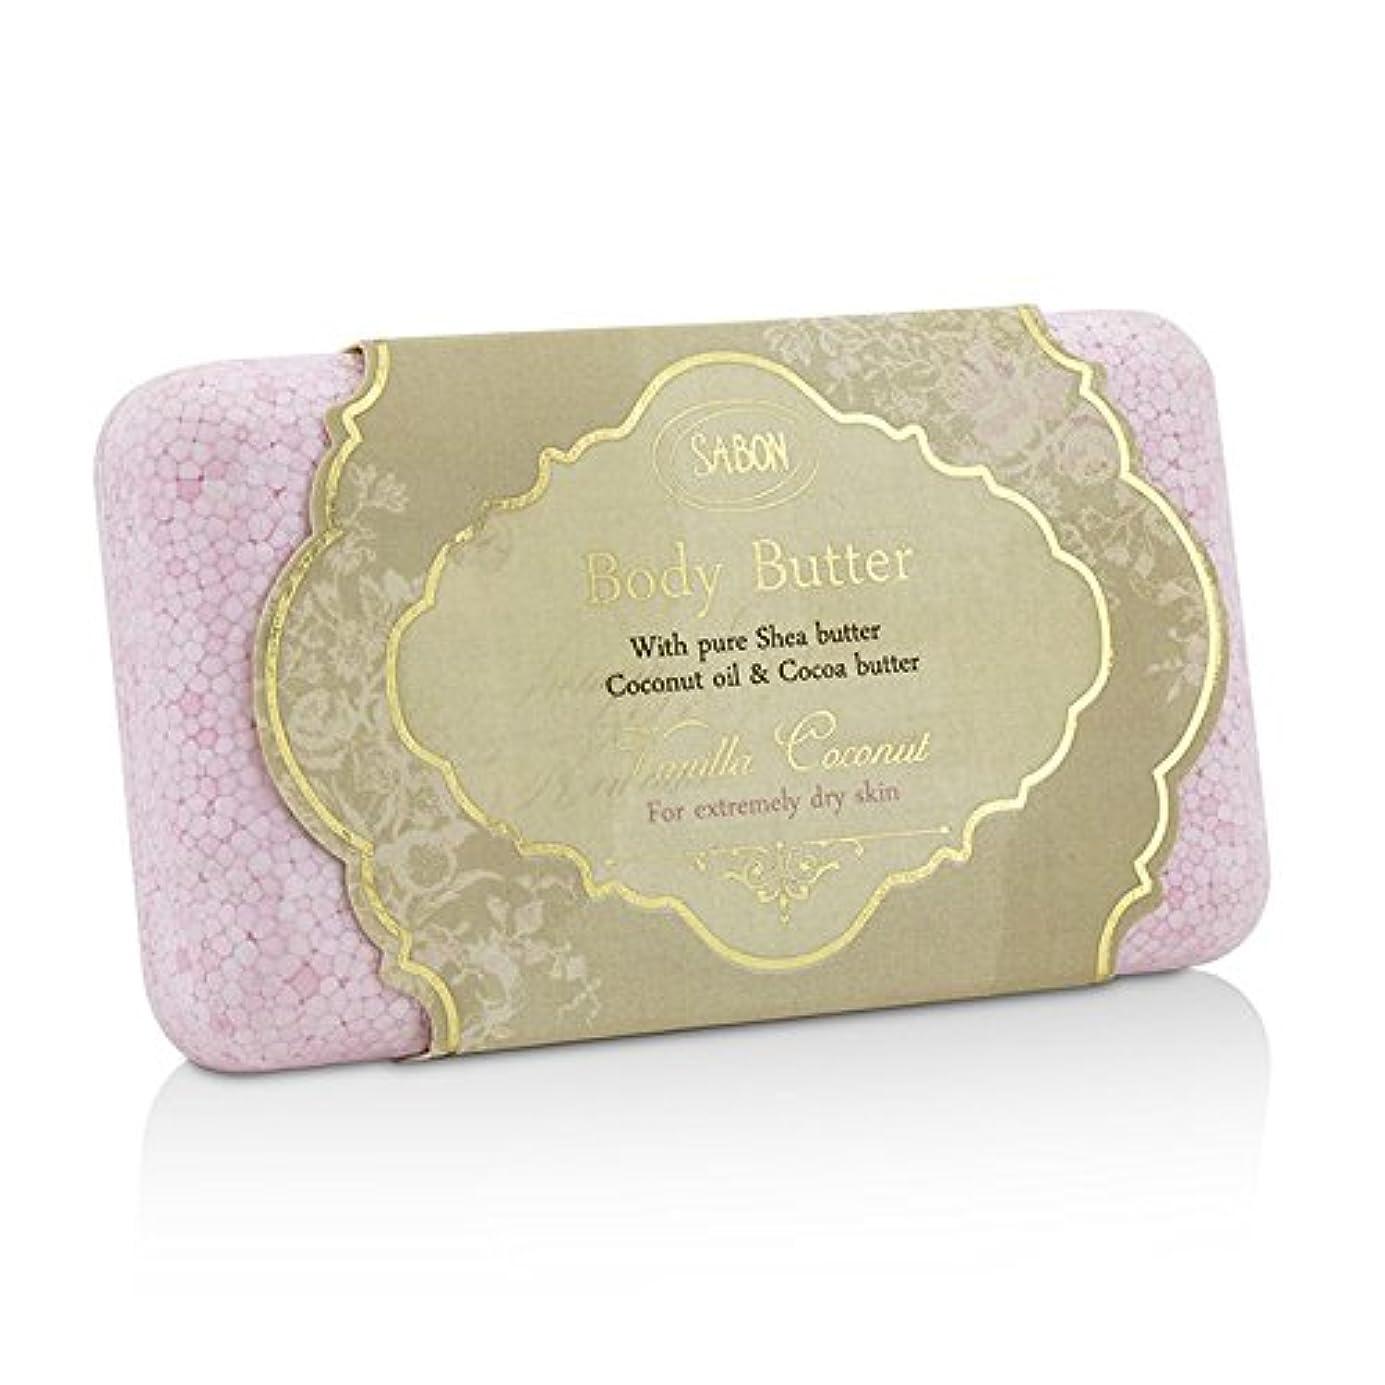 半円ファンタジーカラスサボン Body Butter (For Extremely Dry Skin) - Vanilla Coconut 100g/3.53oz並行輸入品